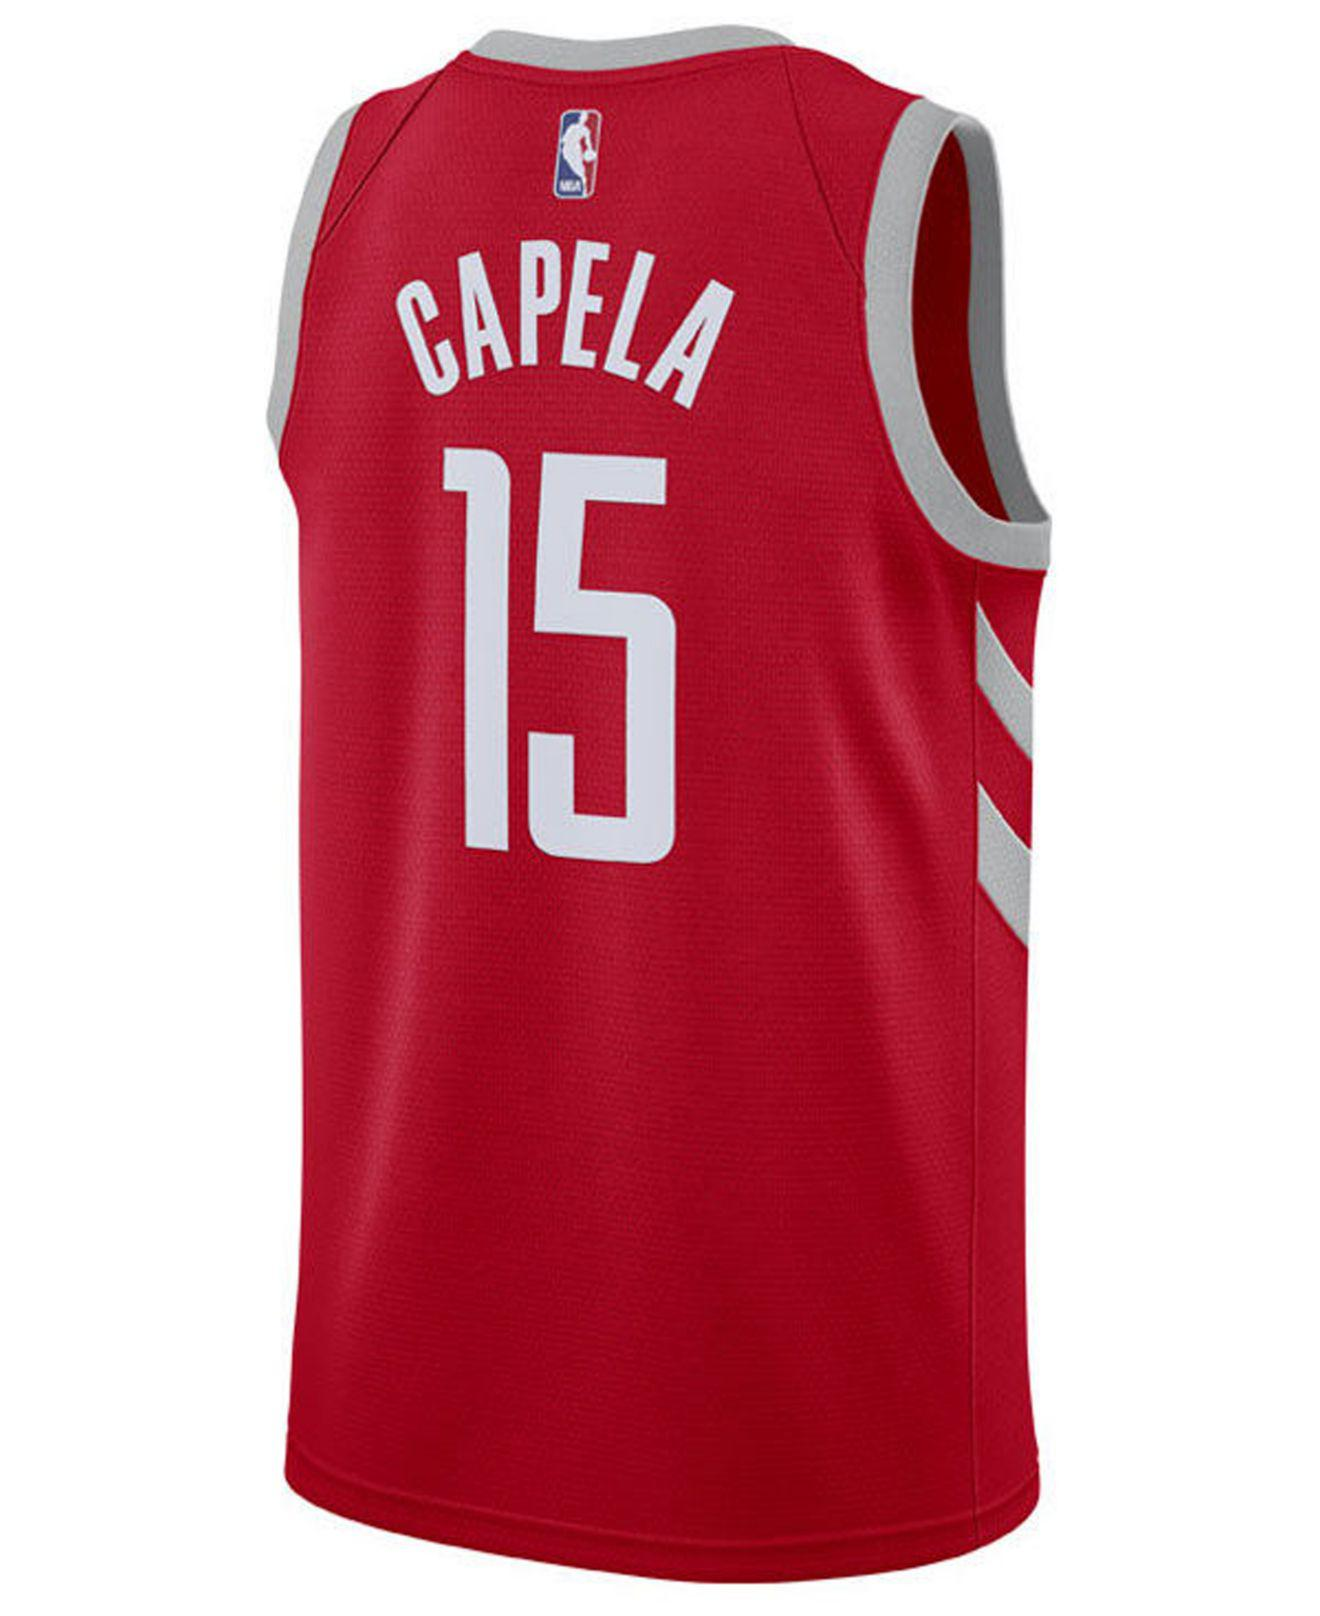 Lyst - Nike Clint Capela Houston Rockets Icon Swingman Jersey in Red for Men 4918183cf